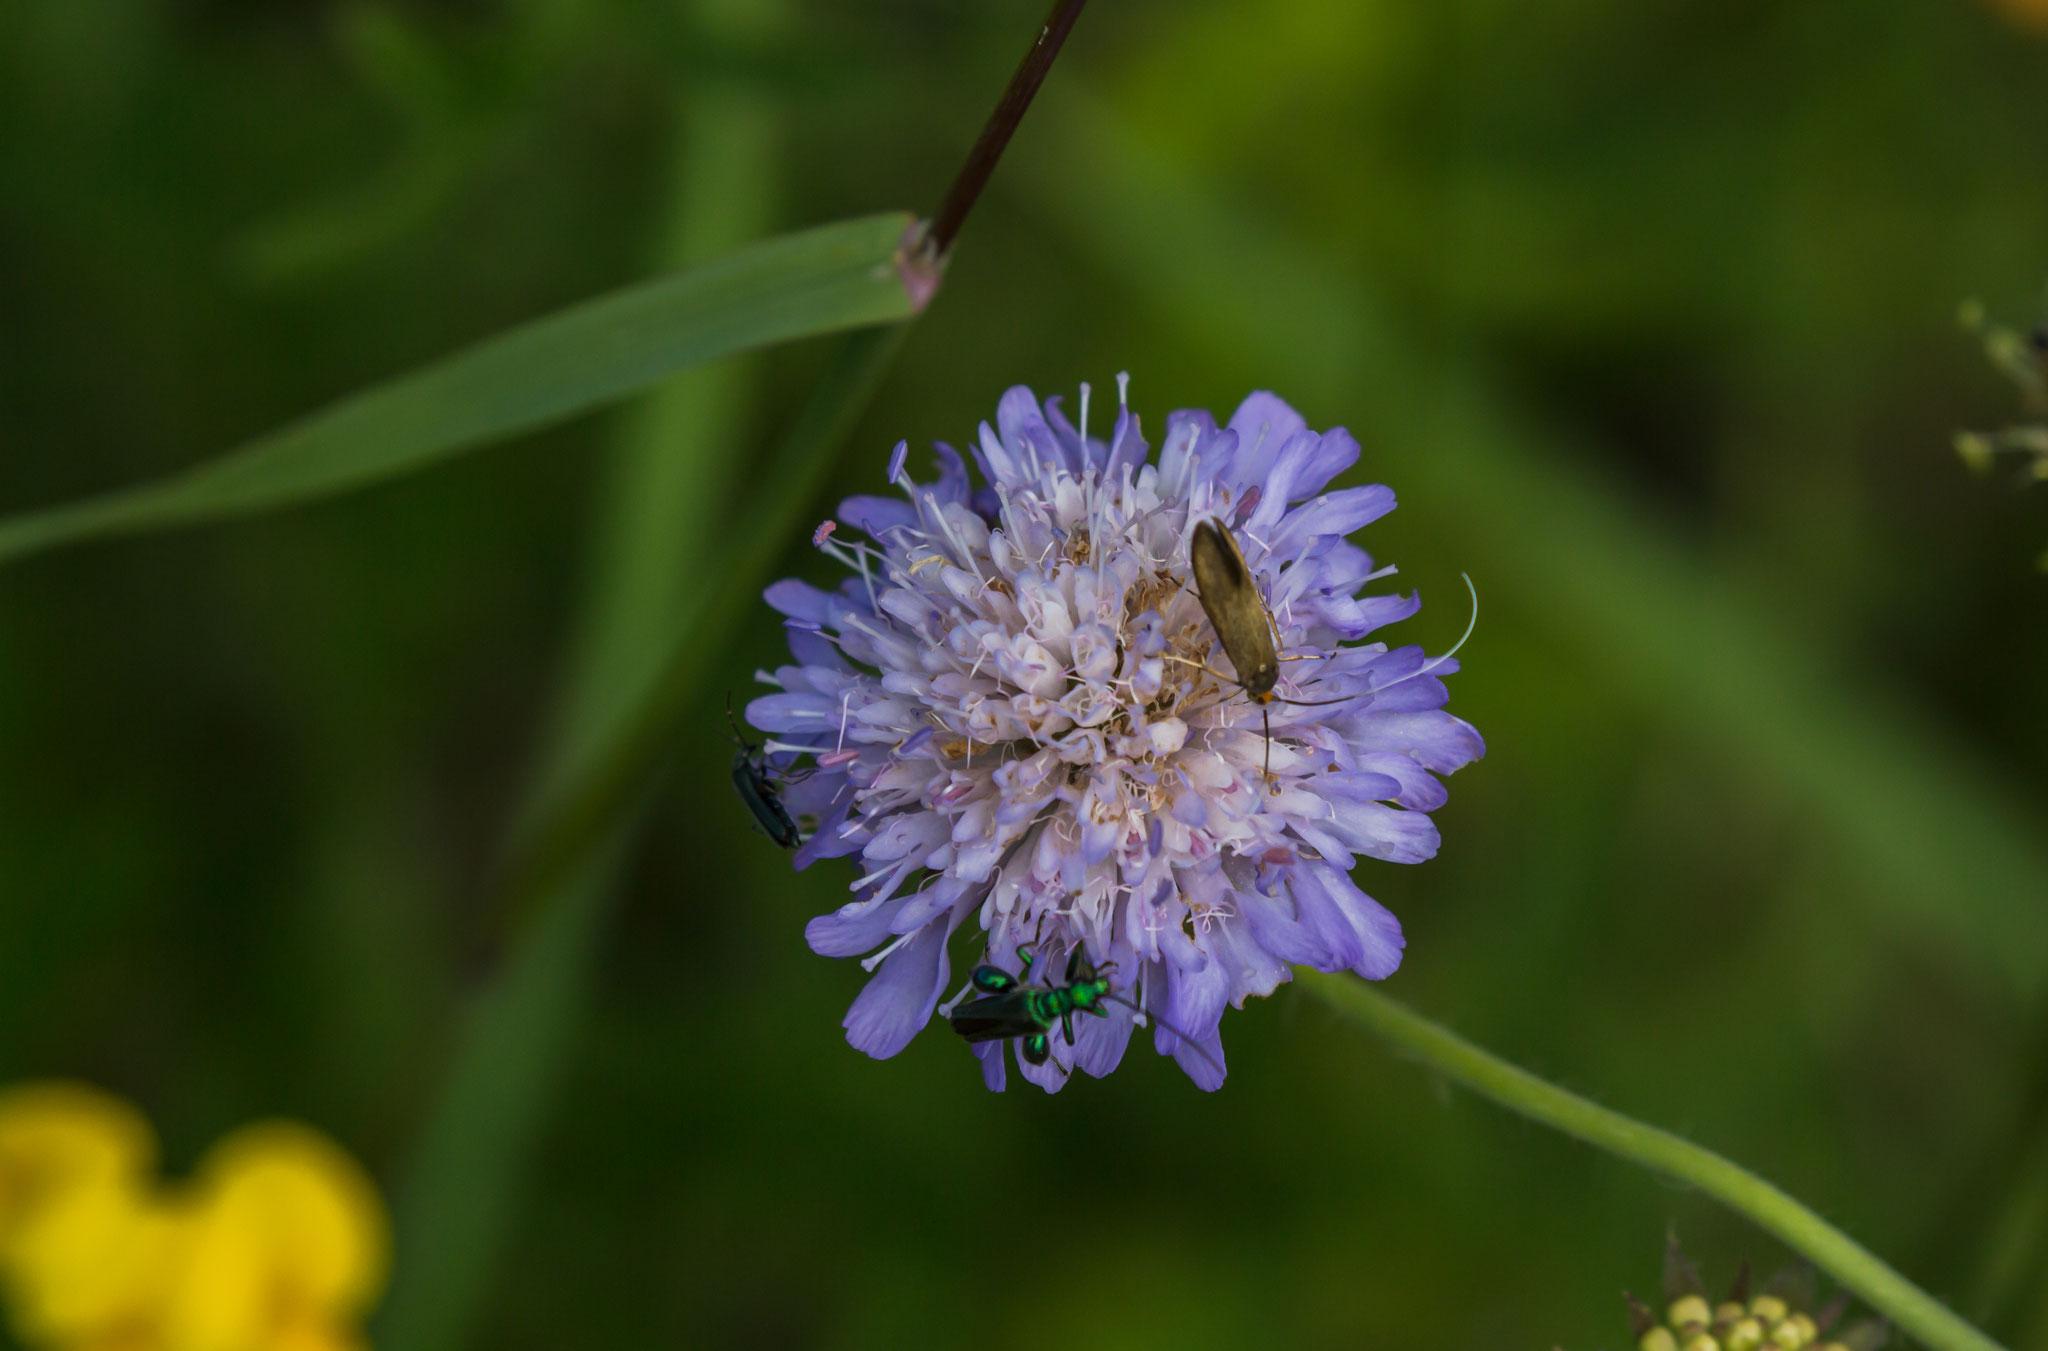 Nemophora metallica-Metallische Langhornmotte und Grüner Scheinbockkäfer-Oedemera nobilis-an Witwenblume